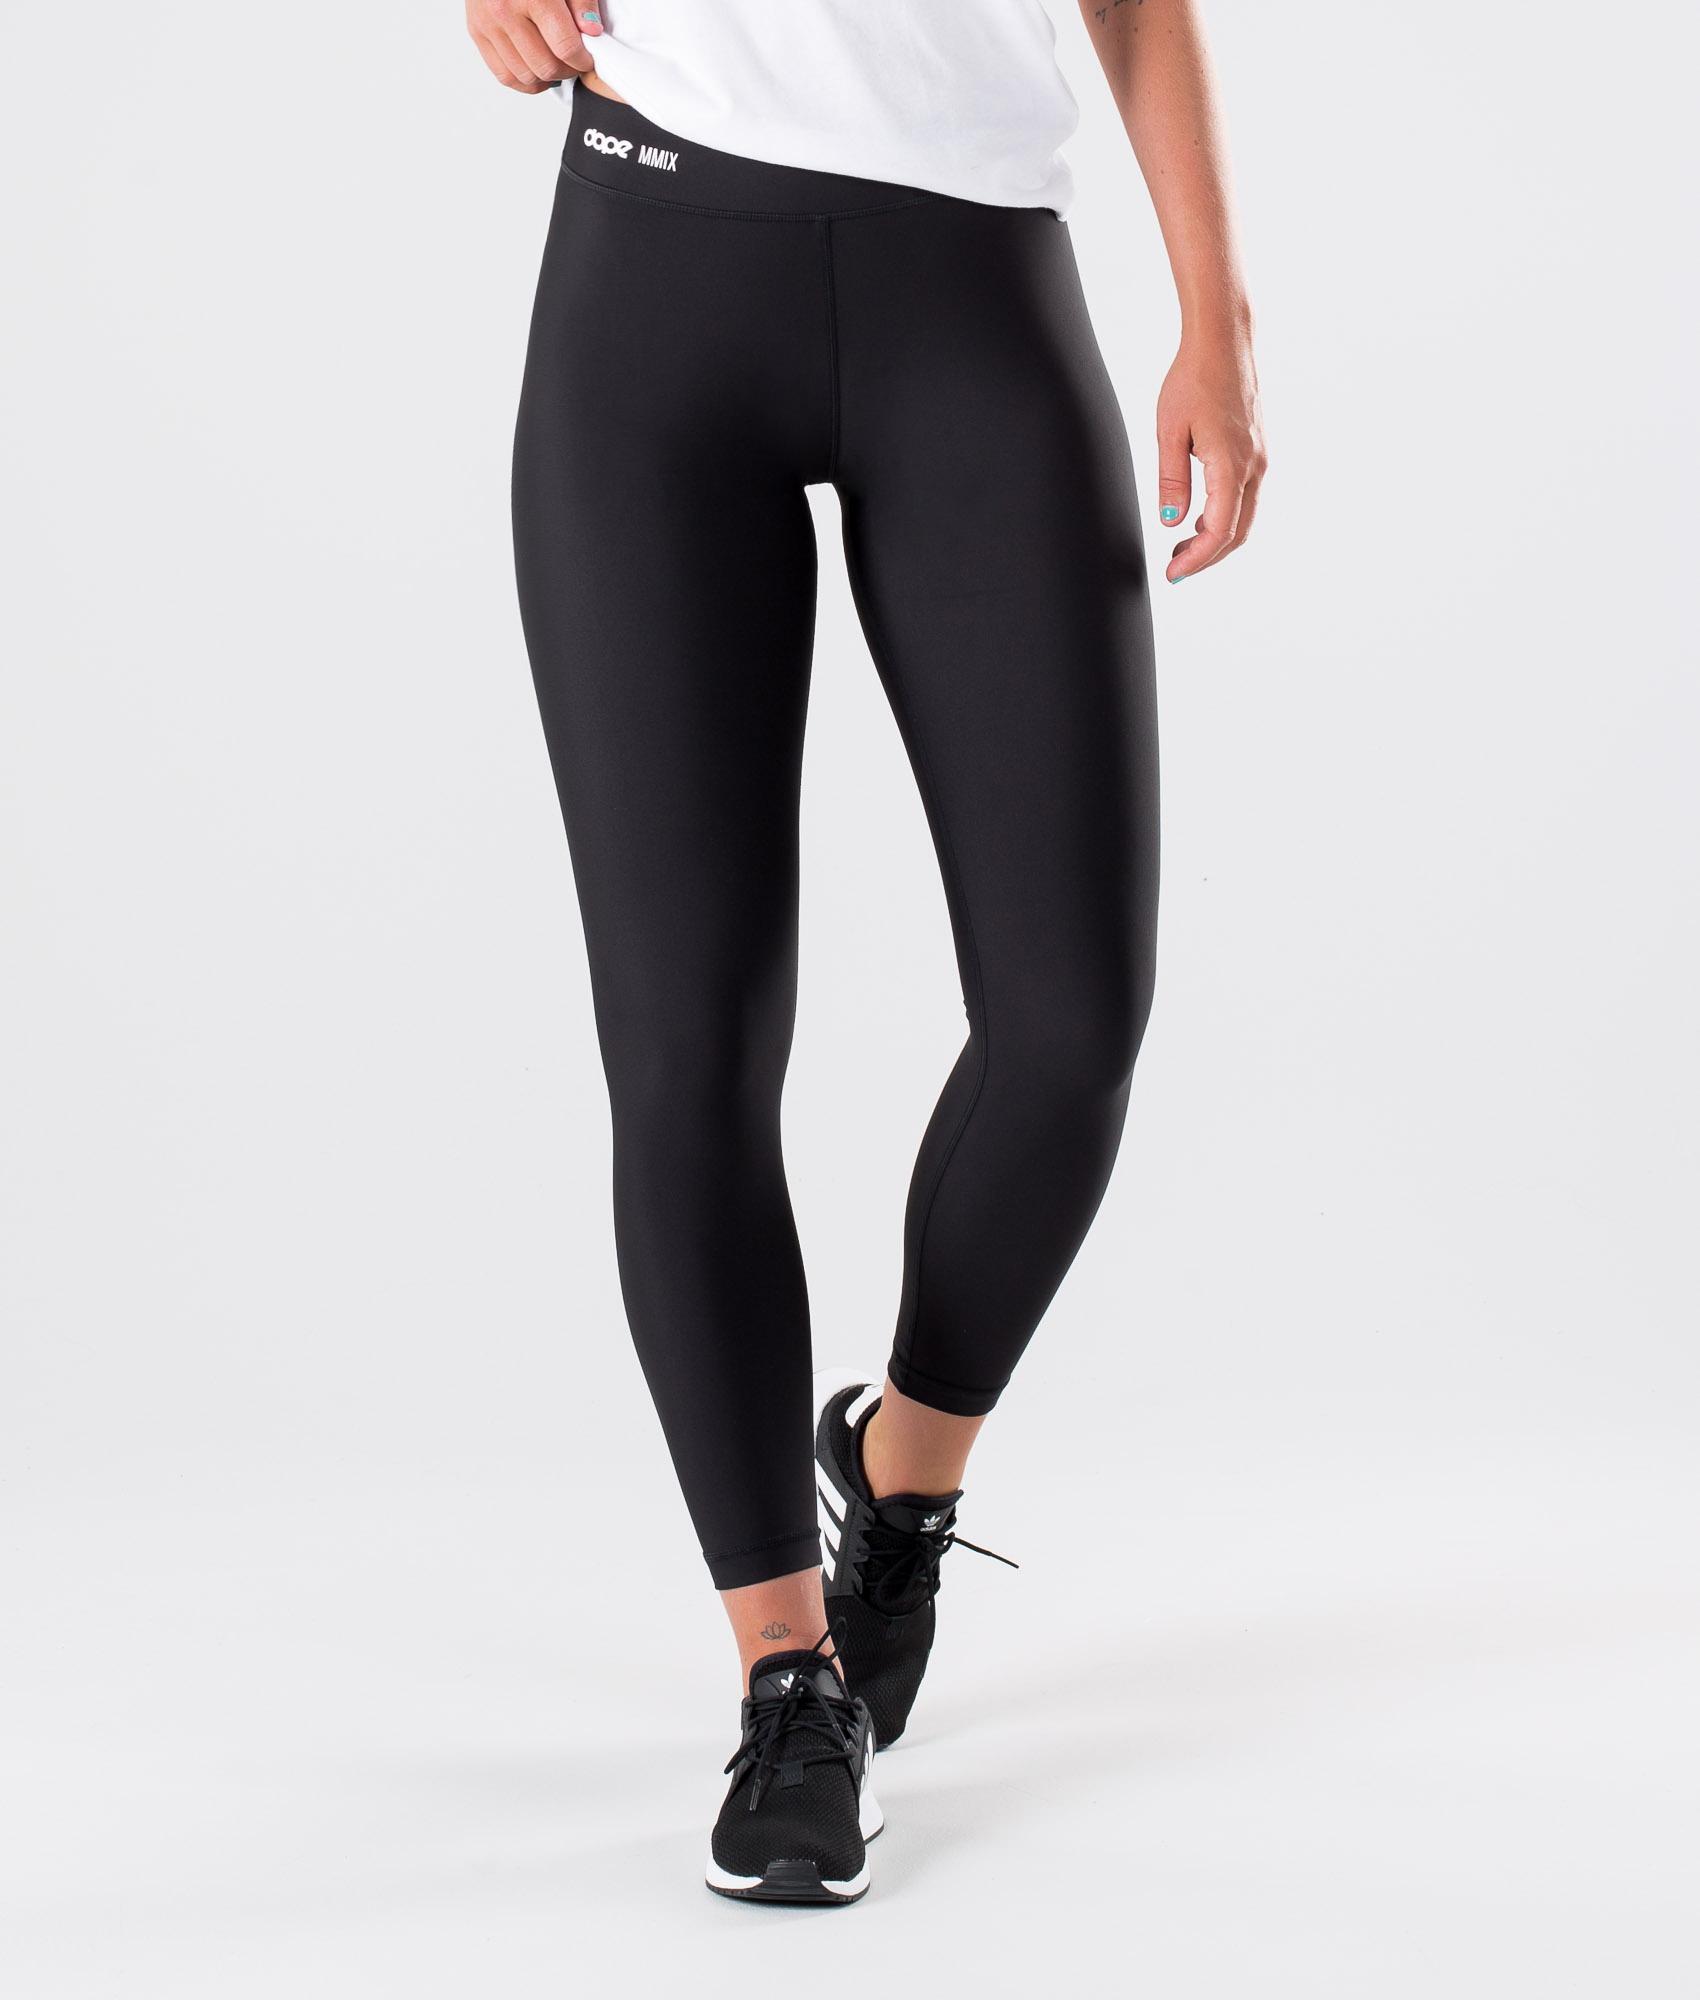 Outdoor Hosen für Damen |